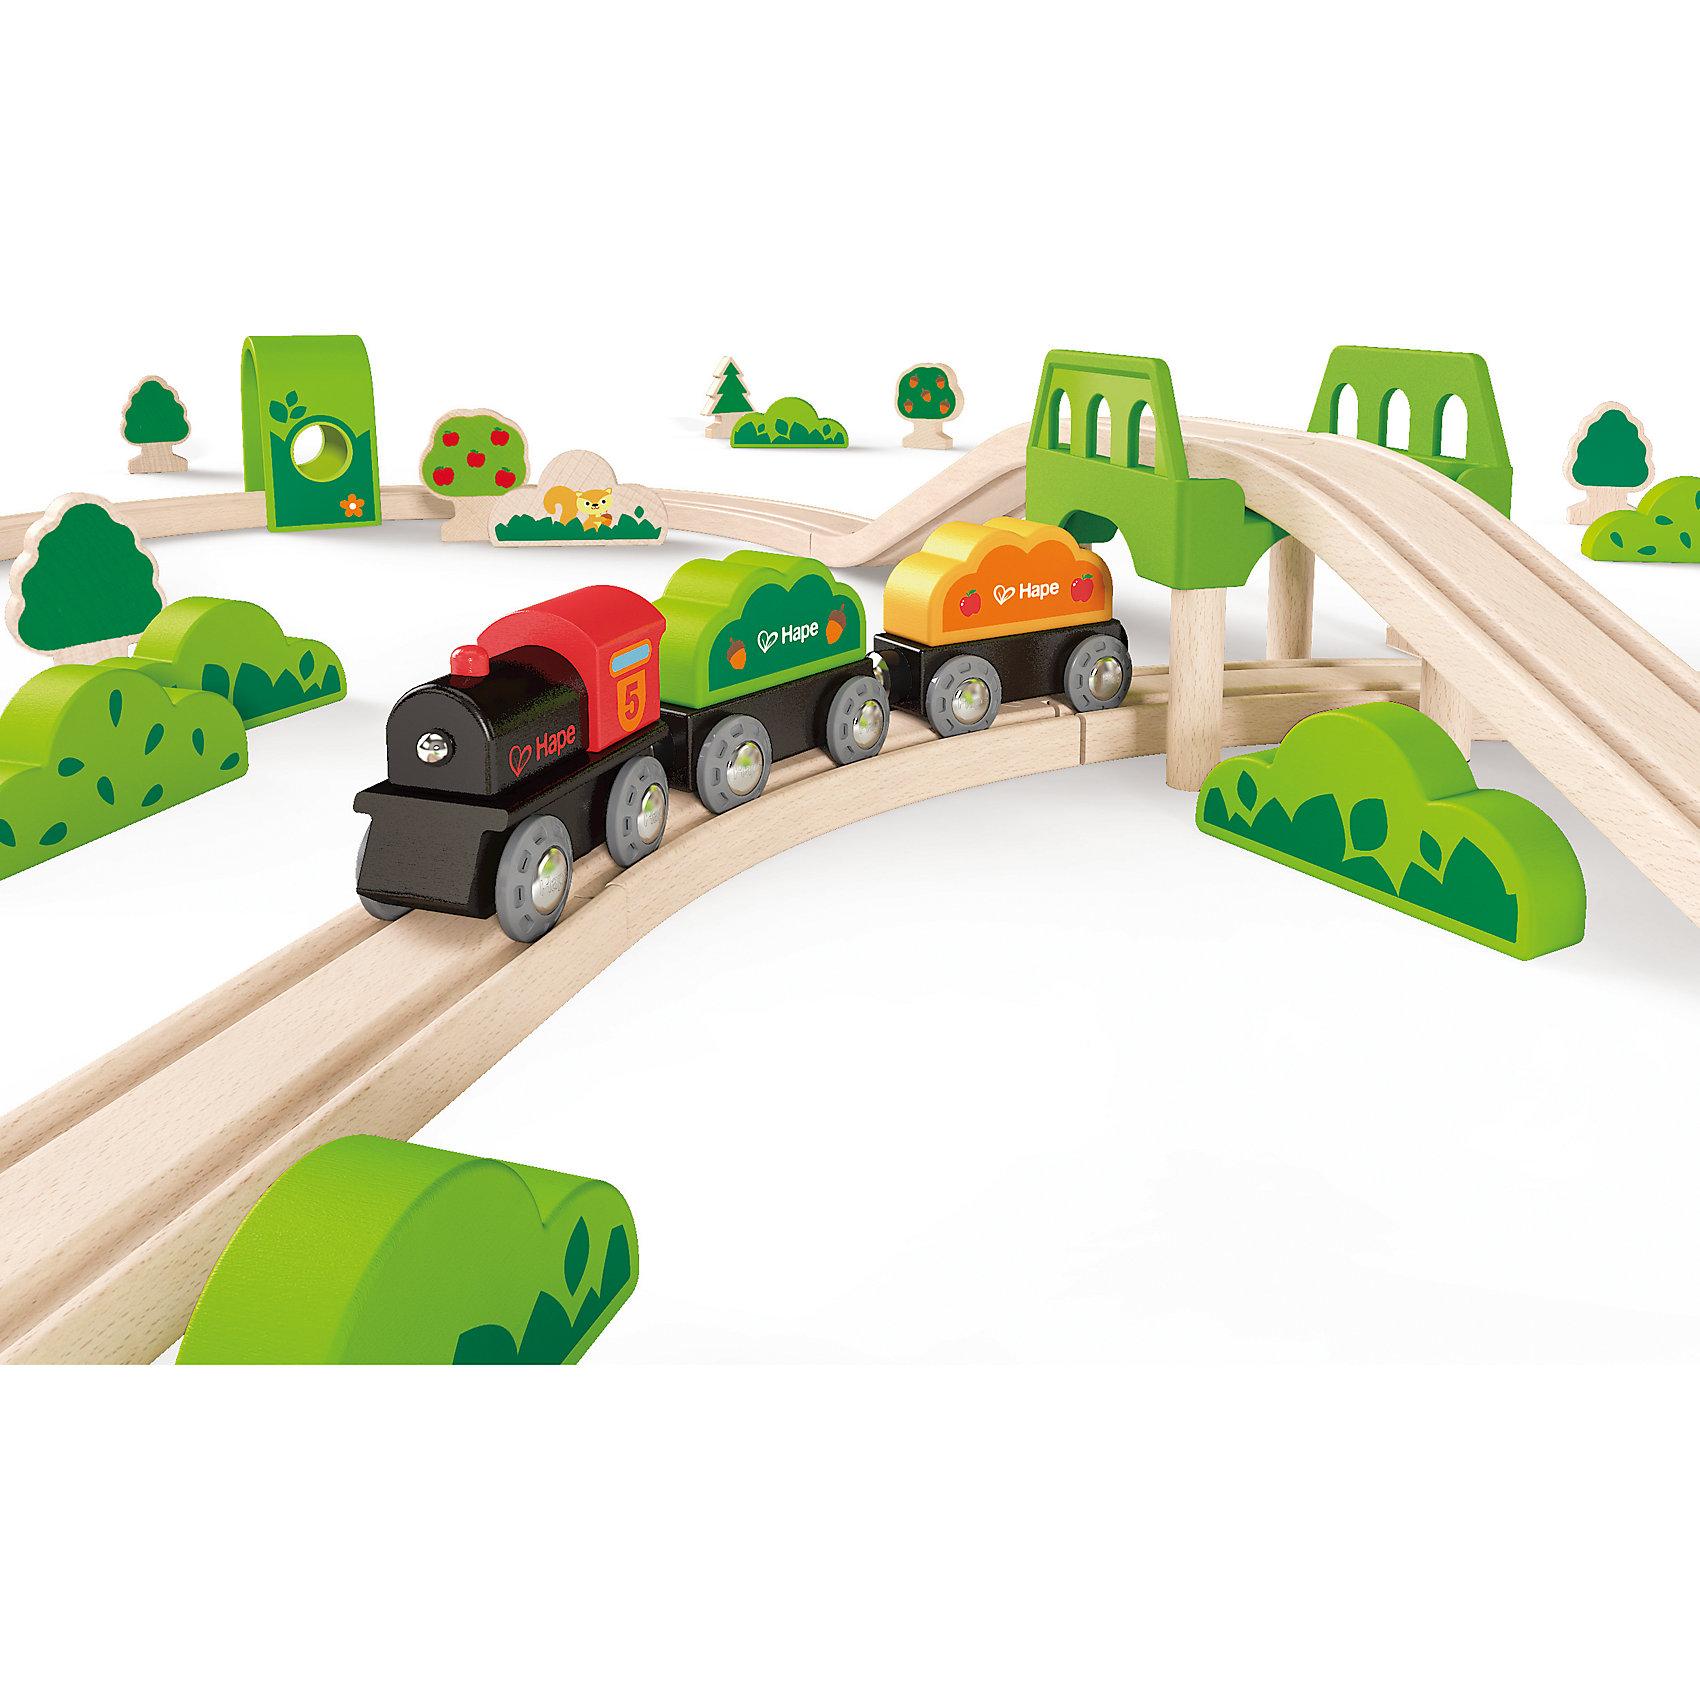 Игровой набор Железная дорога, HapeИгрушечная железная дорога<br>Игровой набор Железная дорога, Hape (Хейп).<br><br>Характеристики:<br><br>- В наборе: элементы для сборки железной дороги, зеленый мостик, 2 тоннеля, паровозик и два вагончика, фигурки деревьев, кустов и изображения животных <br>- Количество деталей: 54<br>- Протяженность железнодорожного полотна 3 м.<br>- Размер в собранном виде: 81х100х10 см.<br>- Материал: древесина<br>- Размер упаковки: 48х12х45 см.<br><br>В игровой набор входит все необходимое для создания железной дороги, которая проходит через чудесный лес. Любуйся пейзажами, рассматривай деревья, кусты, диких животных и внимательно следи за маршрутом, так как паровозик с двумя вагонами должен проехать через два тоннеля и преодолеть мост. Железная дорога собирается из отдельных элементов по принципу пазла. Затруднений со сборкой железнодорожного полотна у ребенка не возникнет, так как элементы довольно крупные. Вагоны крепятся друг к другу магнитными элементами, расположенными в передней и задней частях, что позволяет беспрепятственно отсоединять их, комбинировать по ходу игры. Набор изготовлен из отлично отшлифованного, натурального дерева, окрашенного нетоксичной краской. Играя с набором Железная дорога, ребенок будет не только получать удовольствие от игры, но и развивать мелкую моторику рук, фантазию, воображение, координацию движений, конструкторские и игровые навыки.<br><br>Игровой набор Железная дорога, Hape (Хейп) можно купить в нашем интернет-магазине.<br><br>Ширина мм: 120<br>Глубина мм: 480<br>Высота мм: 360<br>Вес г: 2950<br>Возраст от месяцев: 36<br>Возраст до месяцев: 84<br>Пол: Мужской<br>Возраст: Детский<br>SKU: 5309152